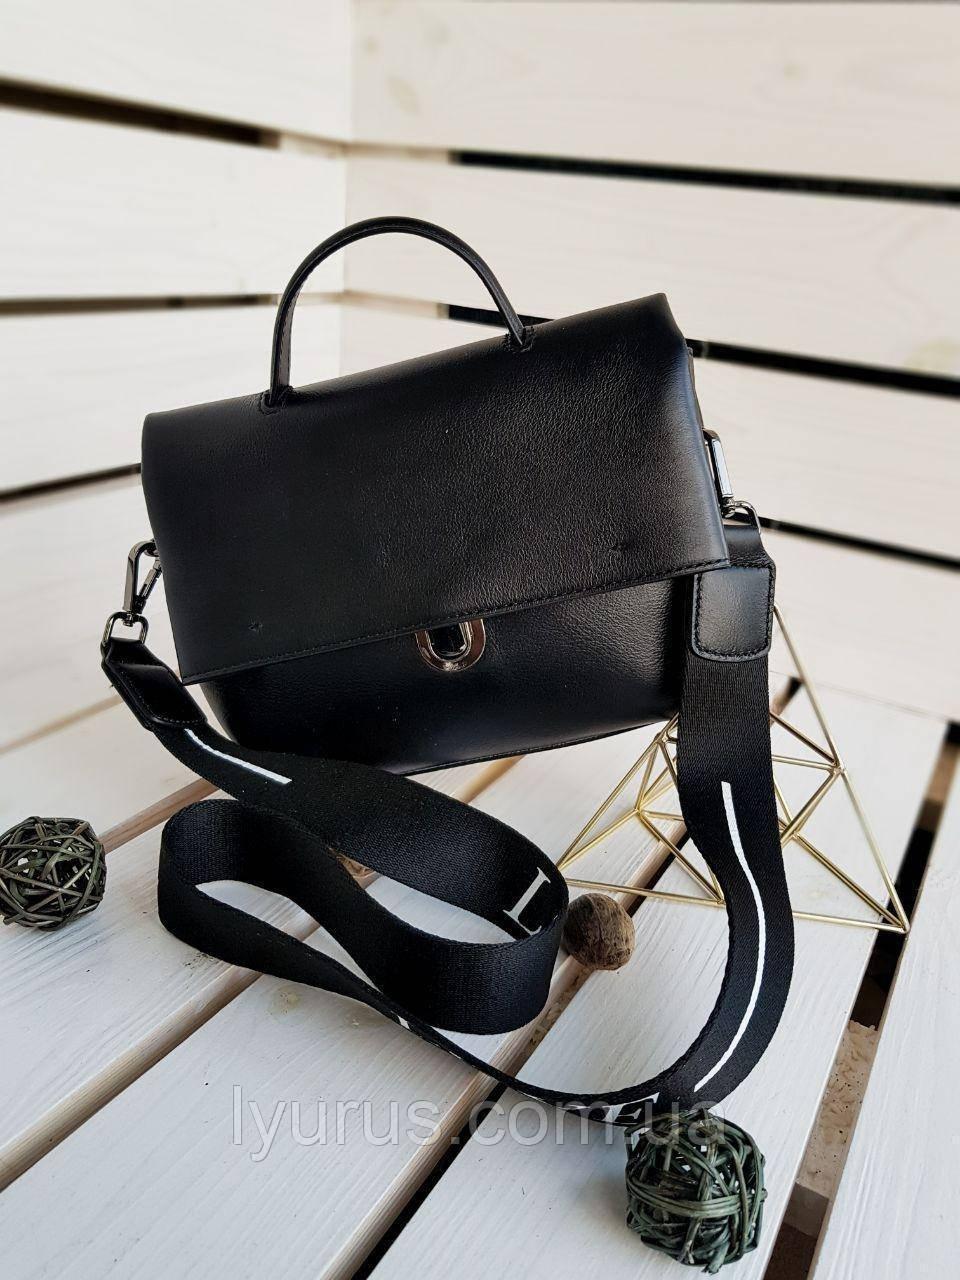 Шкіряна жіноча сумка розміром 24х18 см Чорна (01124)